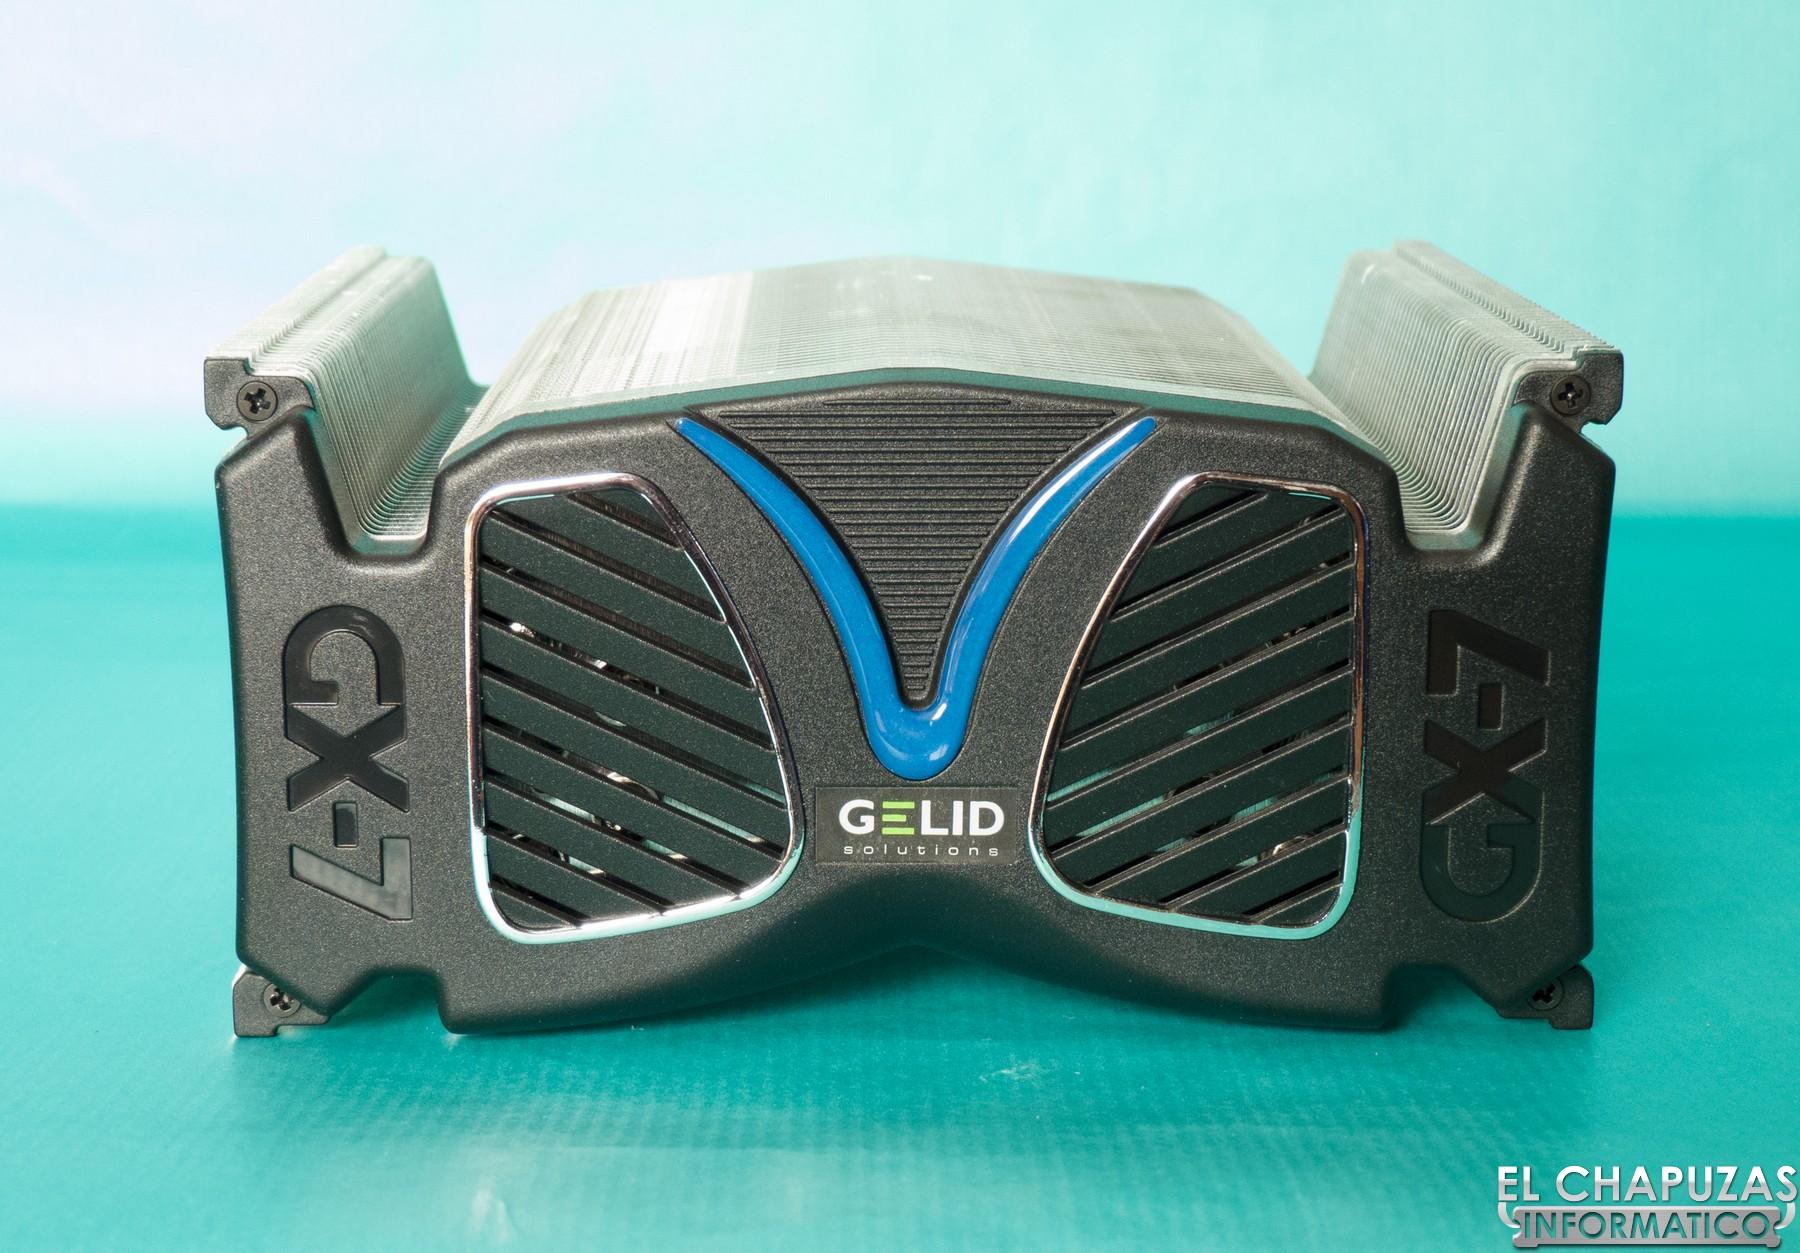 Gelid GX-7 11